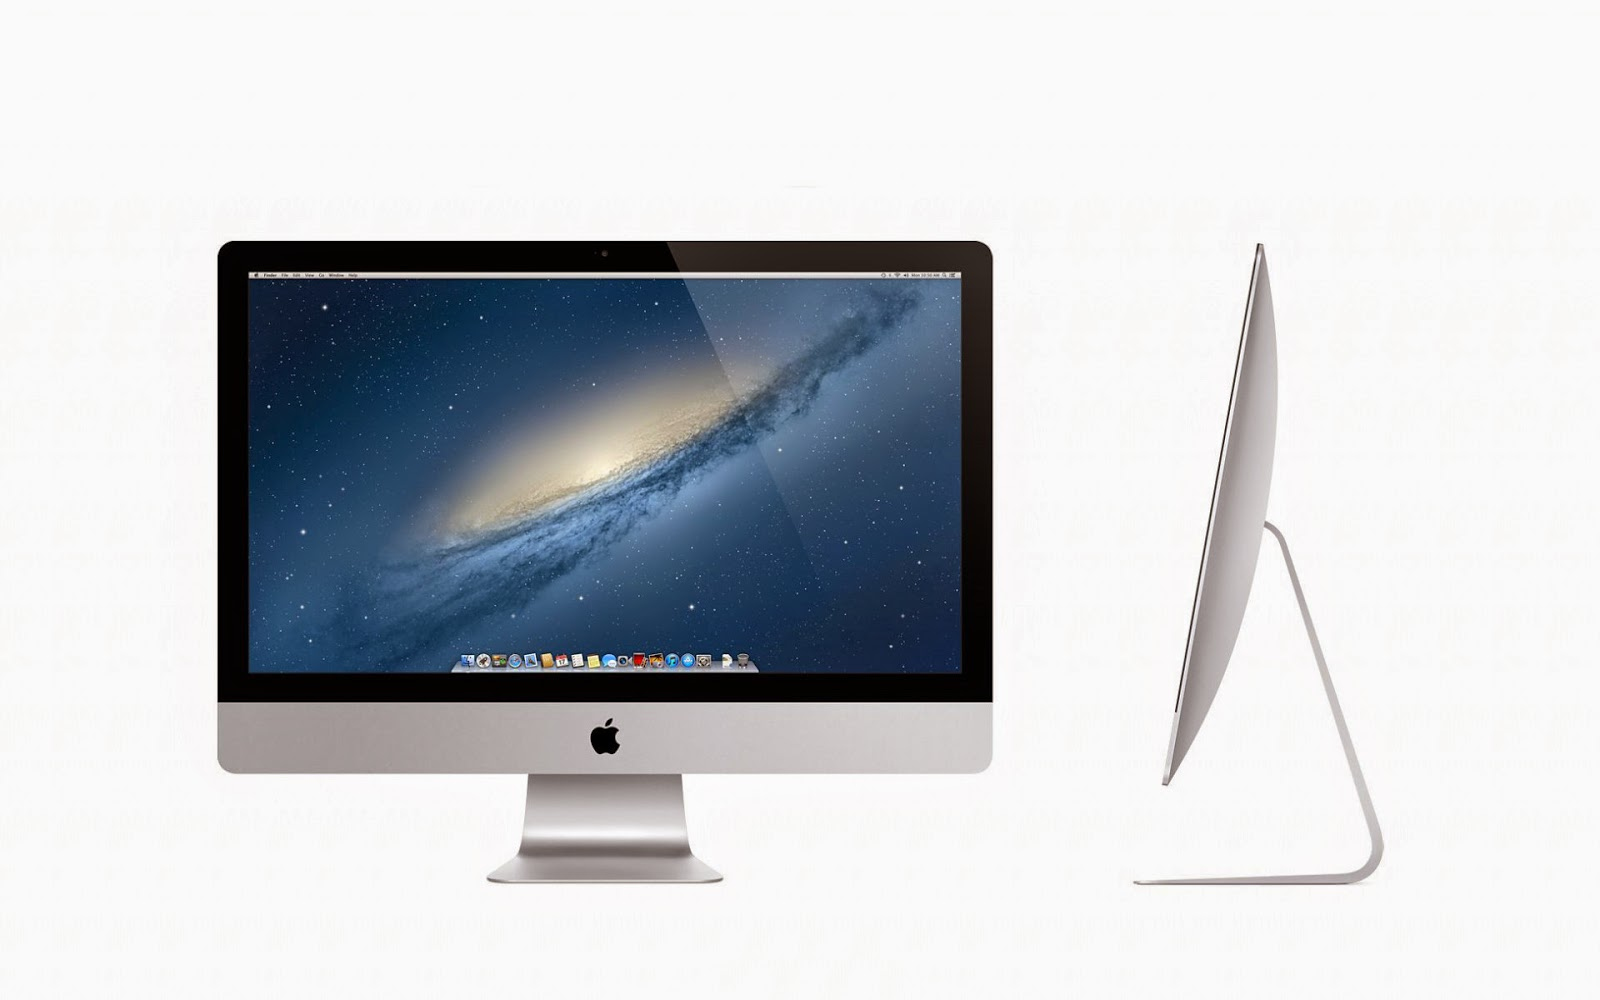 Apple wallpaper met een iMac 27 inch scherm